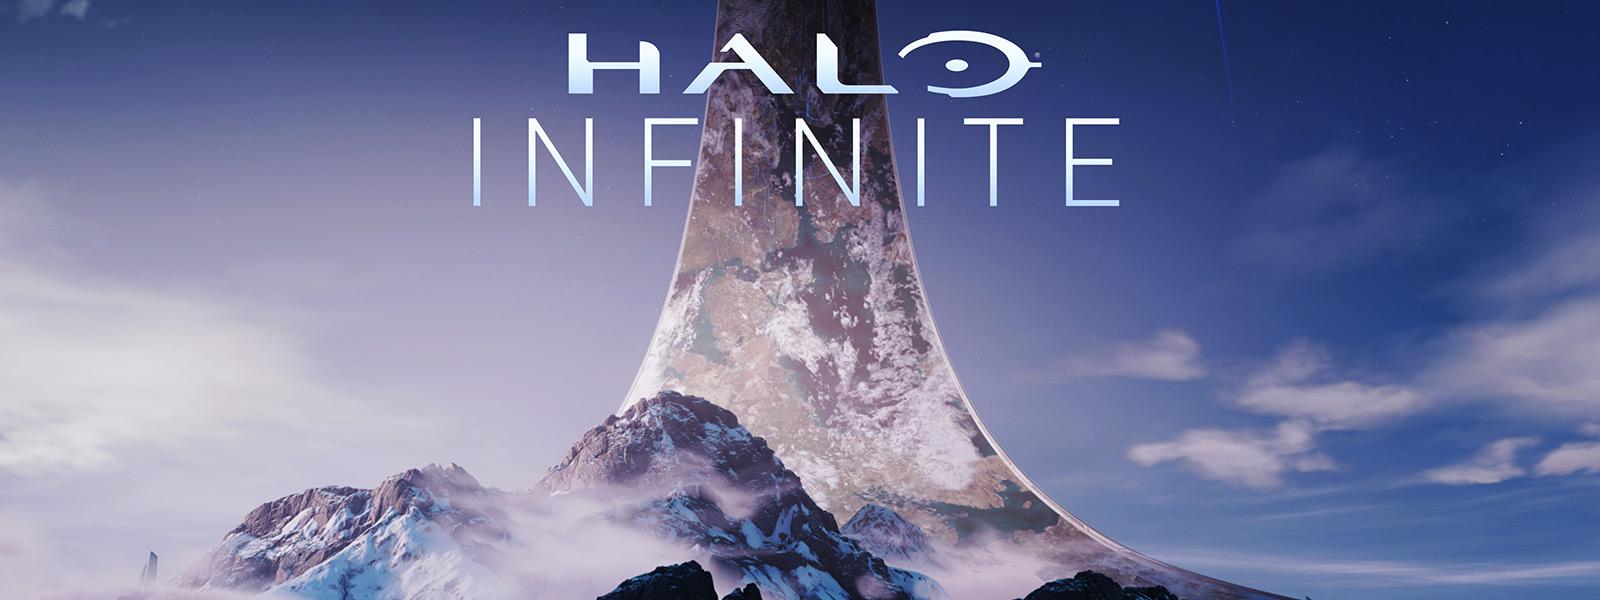 Blick auf einen Berg aus dem Inneren eines Halo-Rings